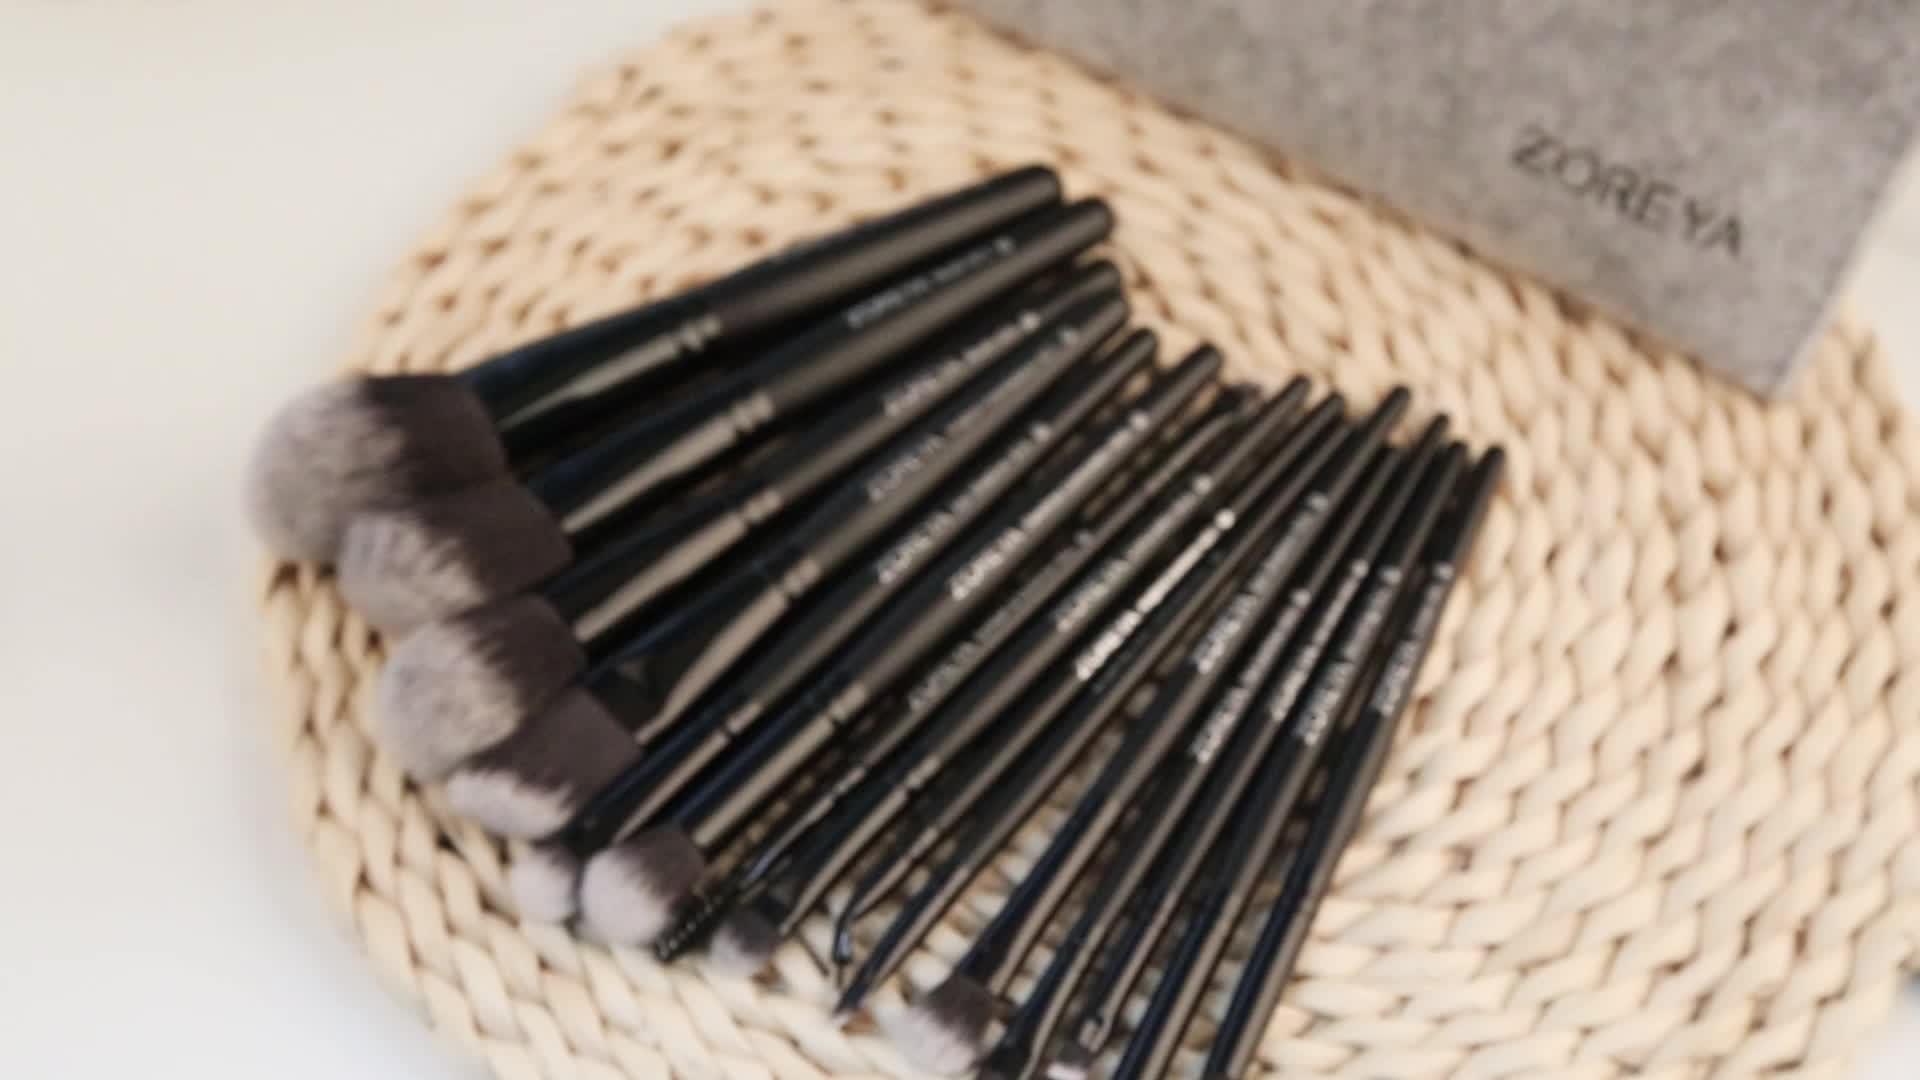 2019 핫-sale) 저 (Low) MOQ black handle 비건 메이 컵 브러쉬 메이 컵